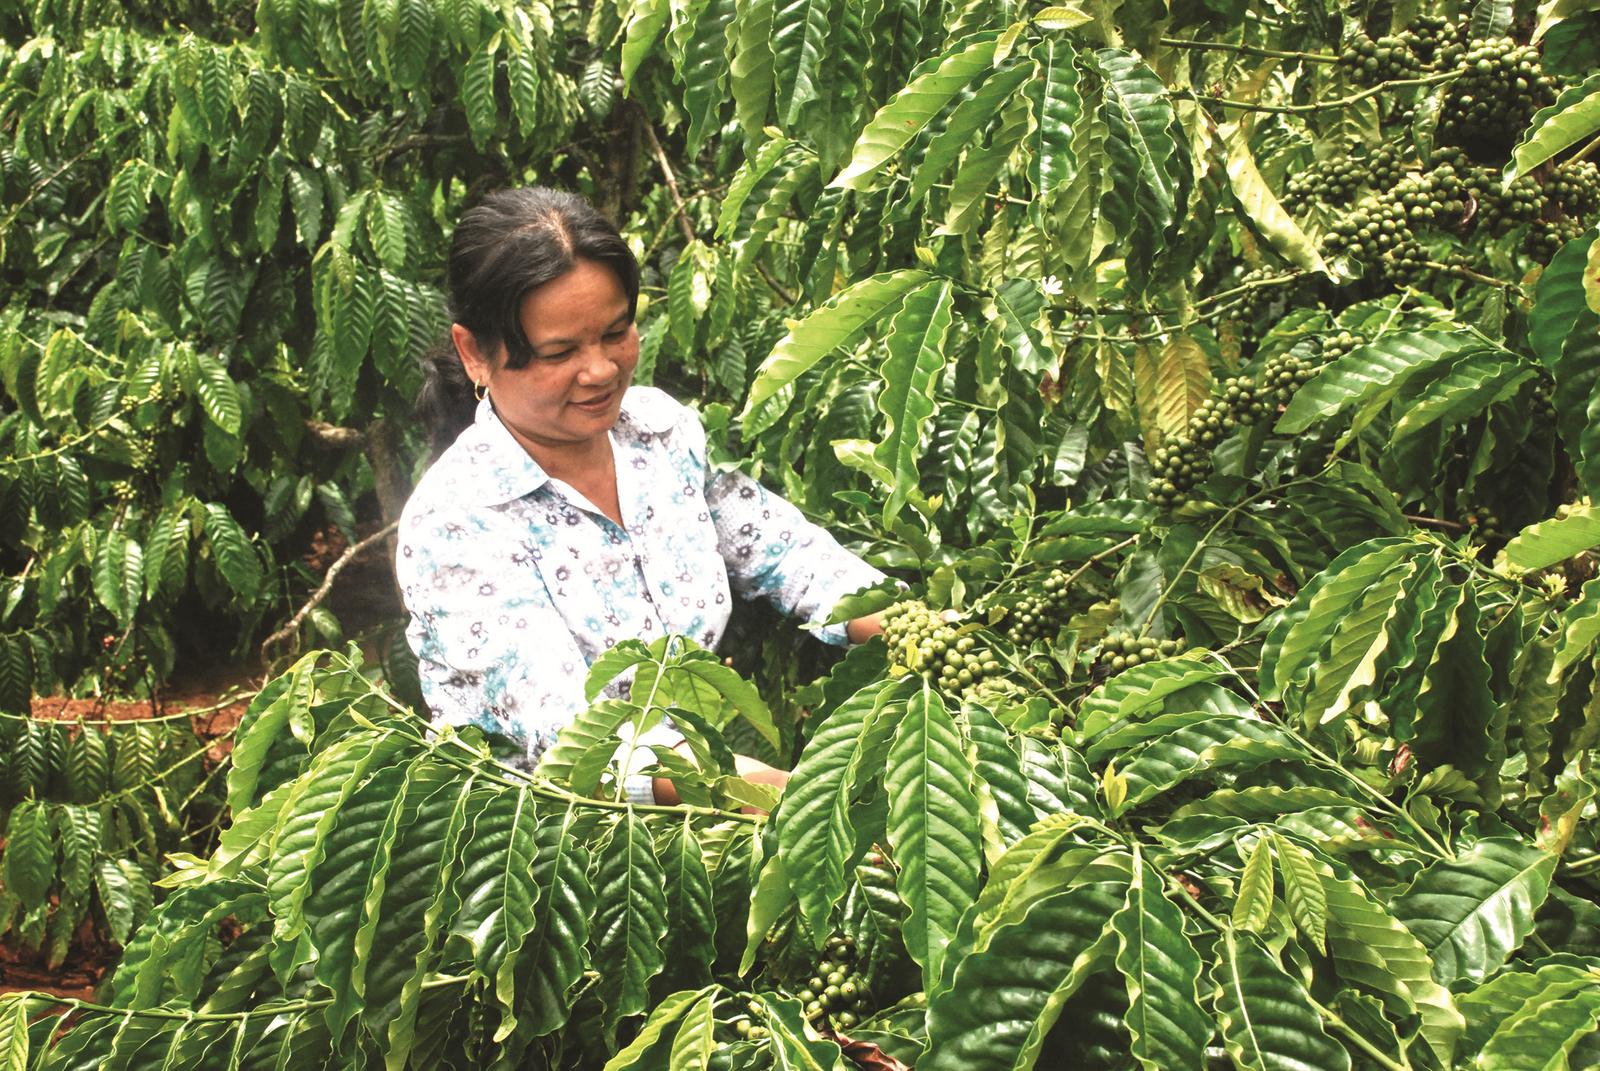 Chuyển đổi cây trồng để giảm tổn thất